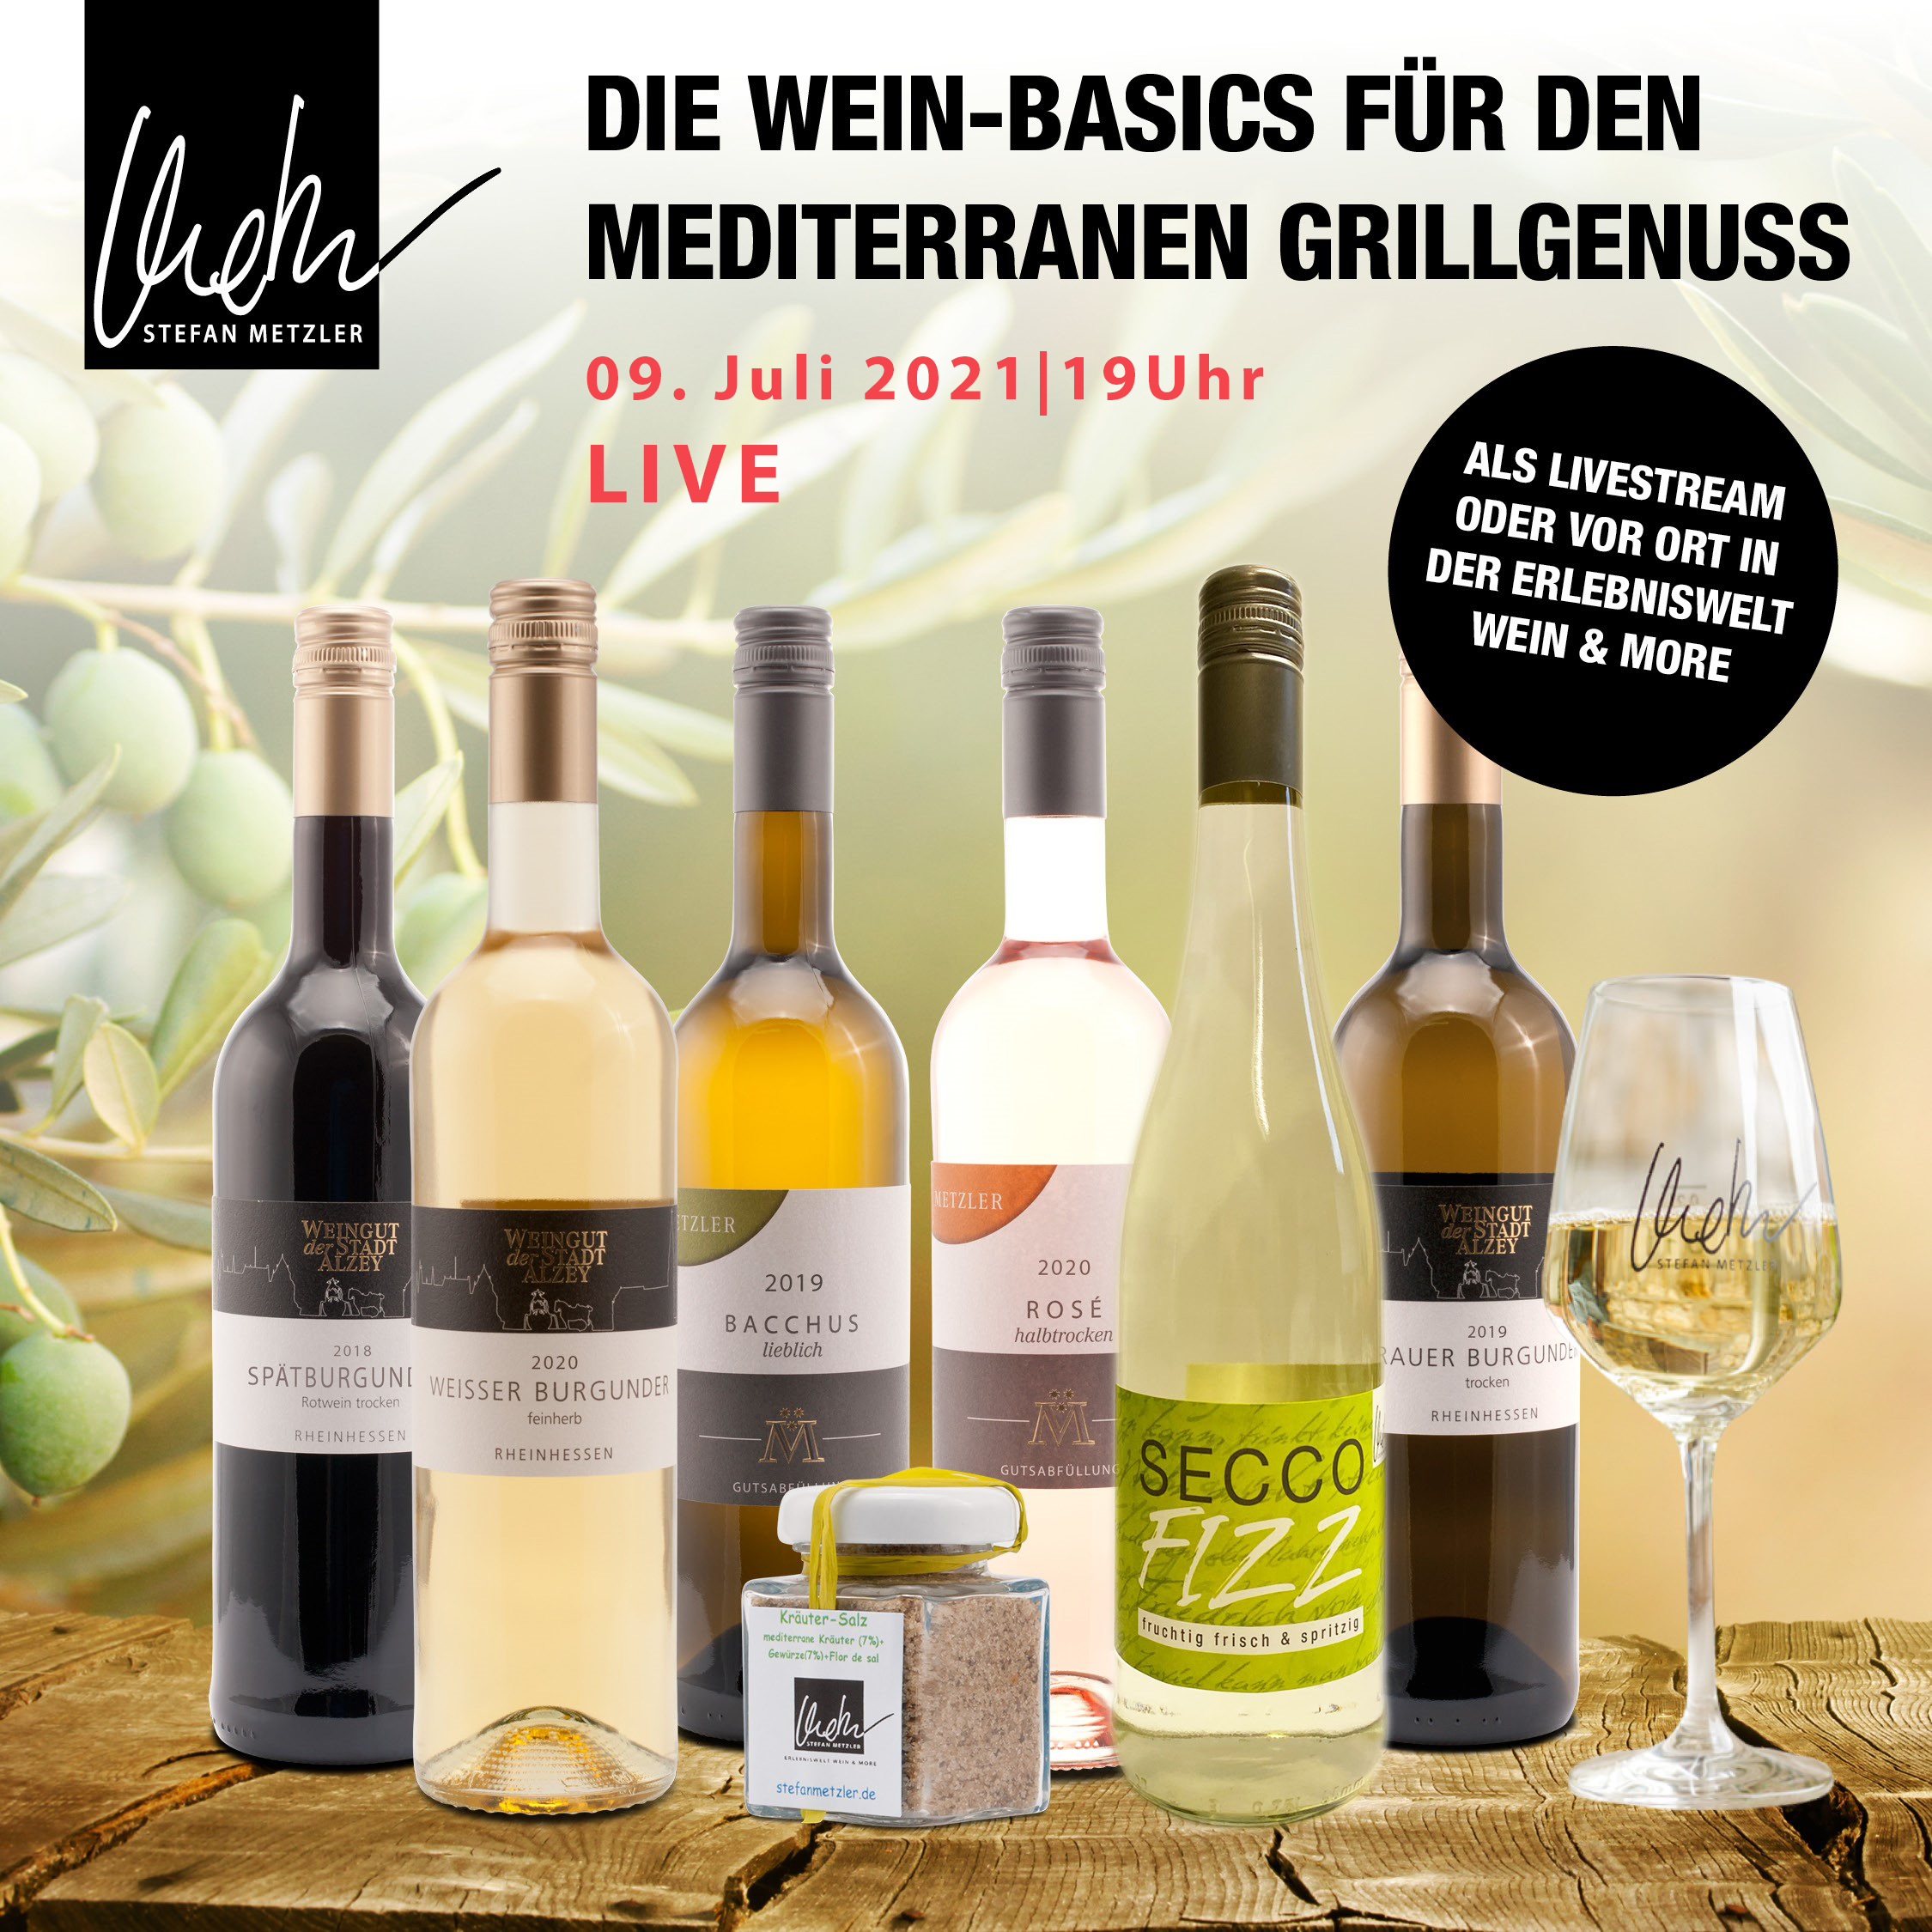 Onlineprobe: Wein-Basics & mediterraner Grillgenuss